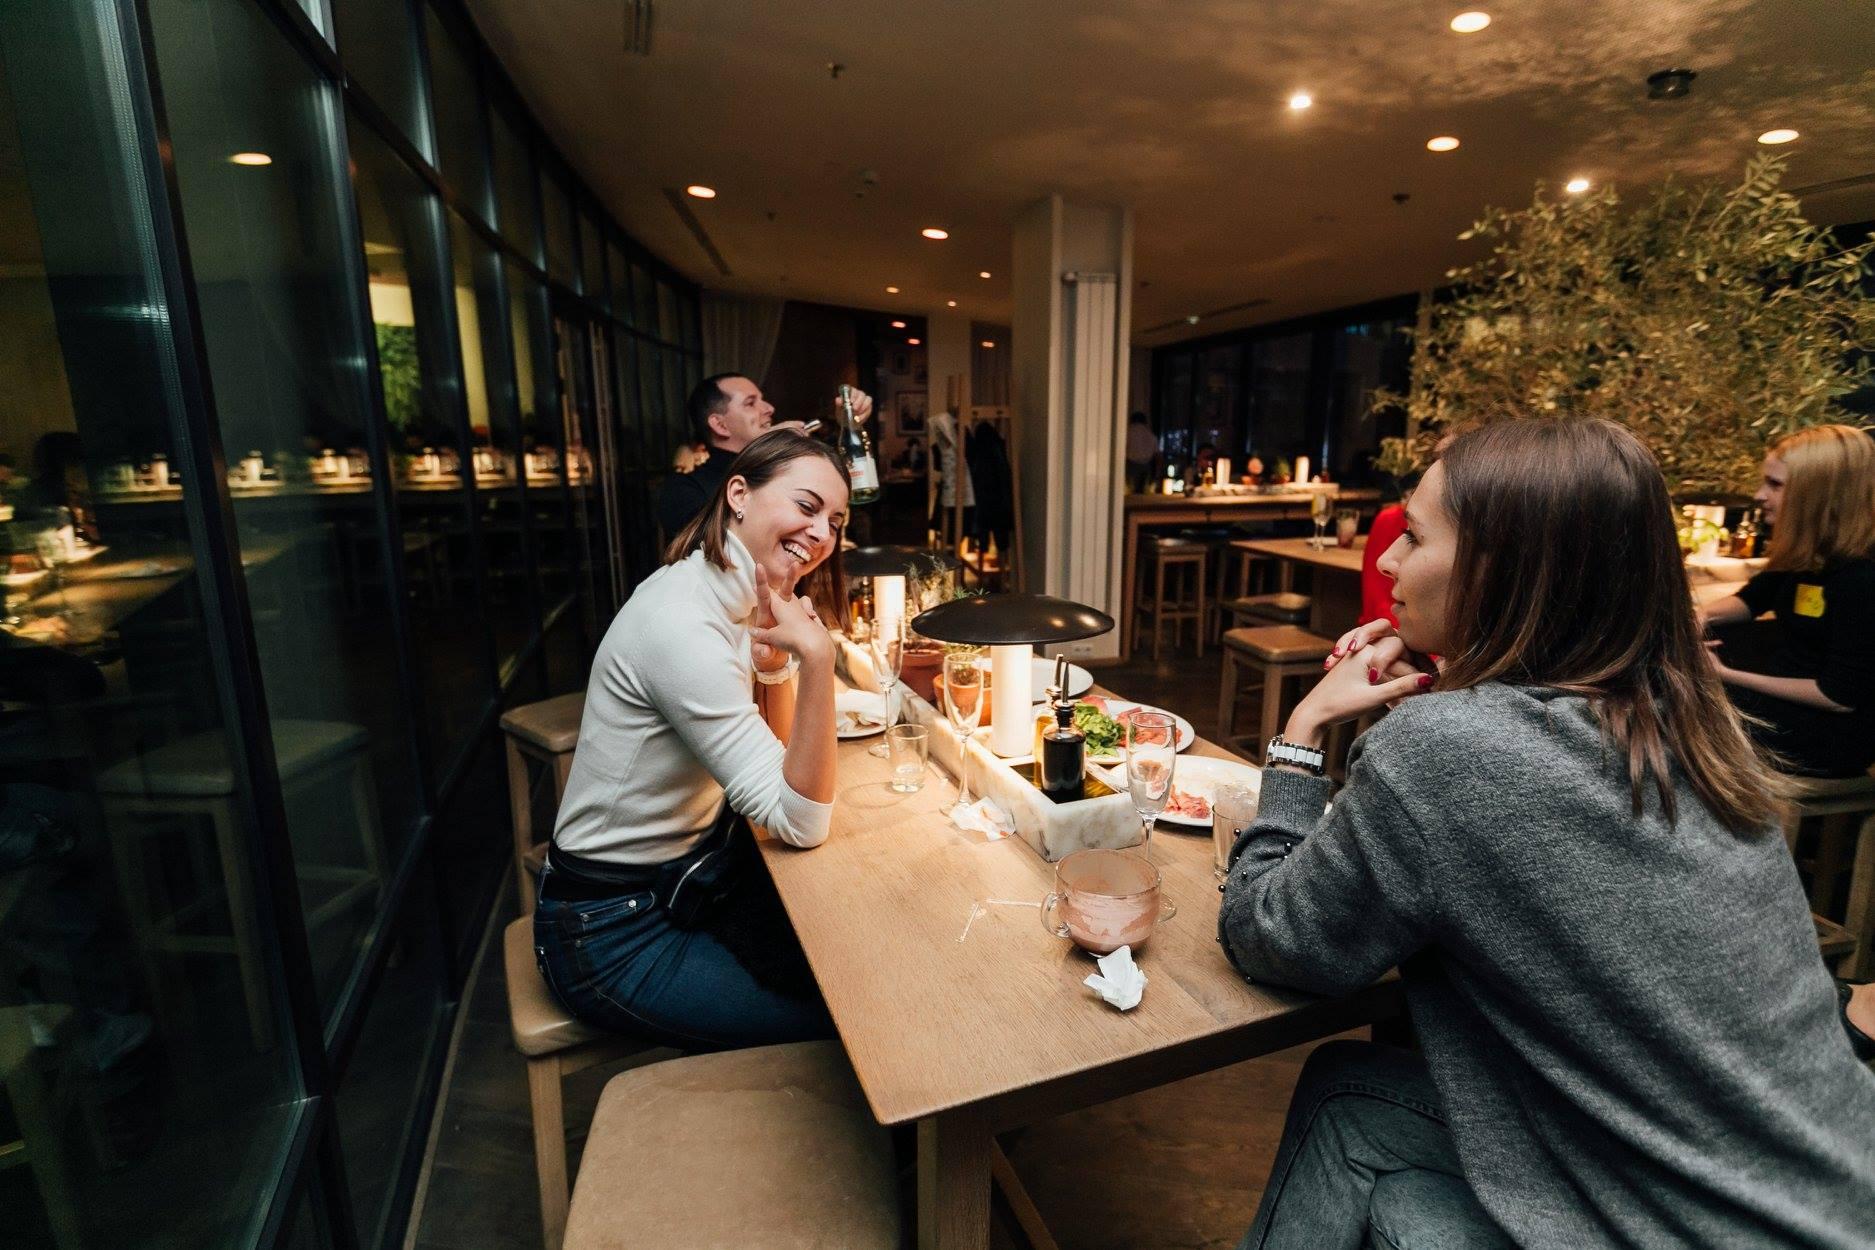 В день каждый ресторан Vapiano посещают 500-600 человек